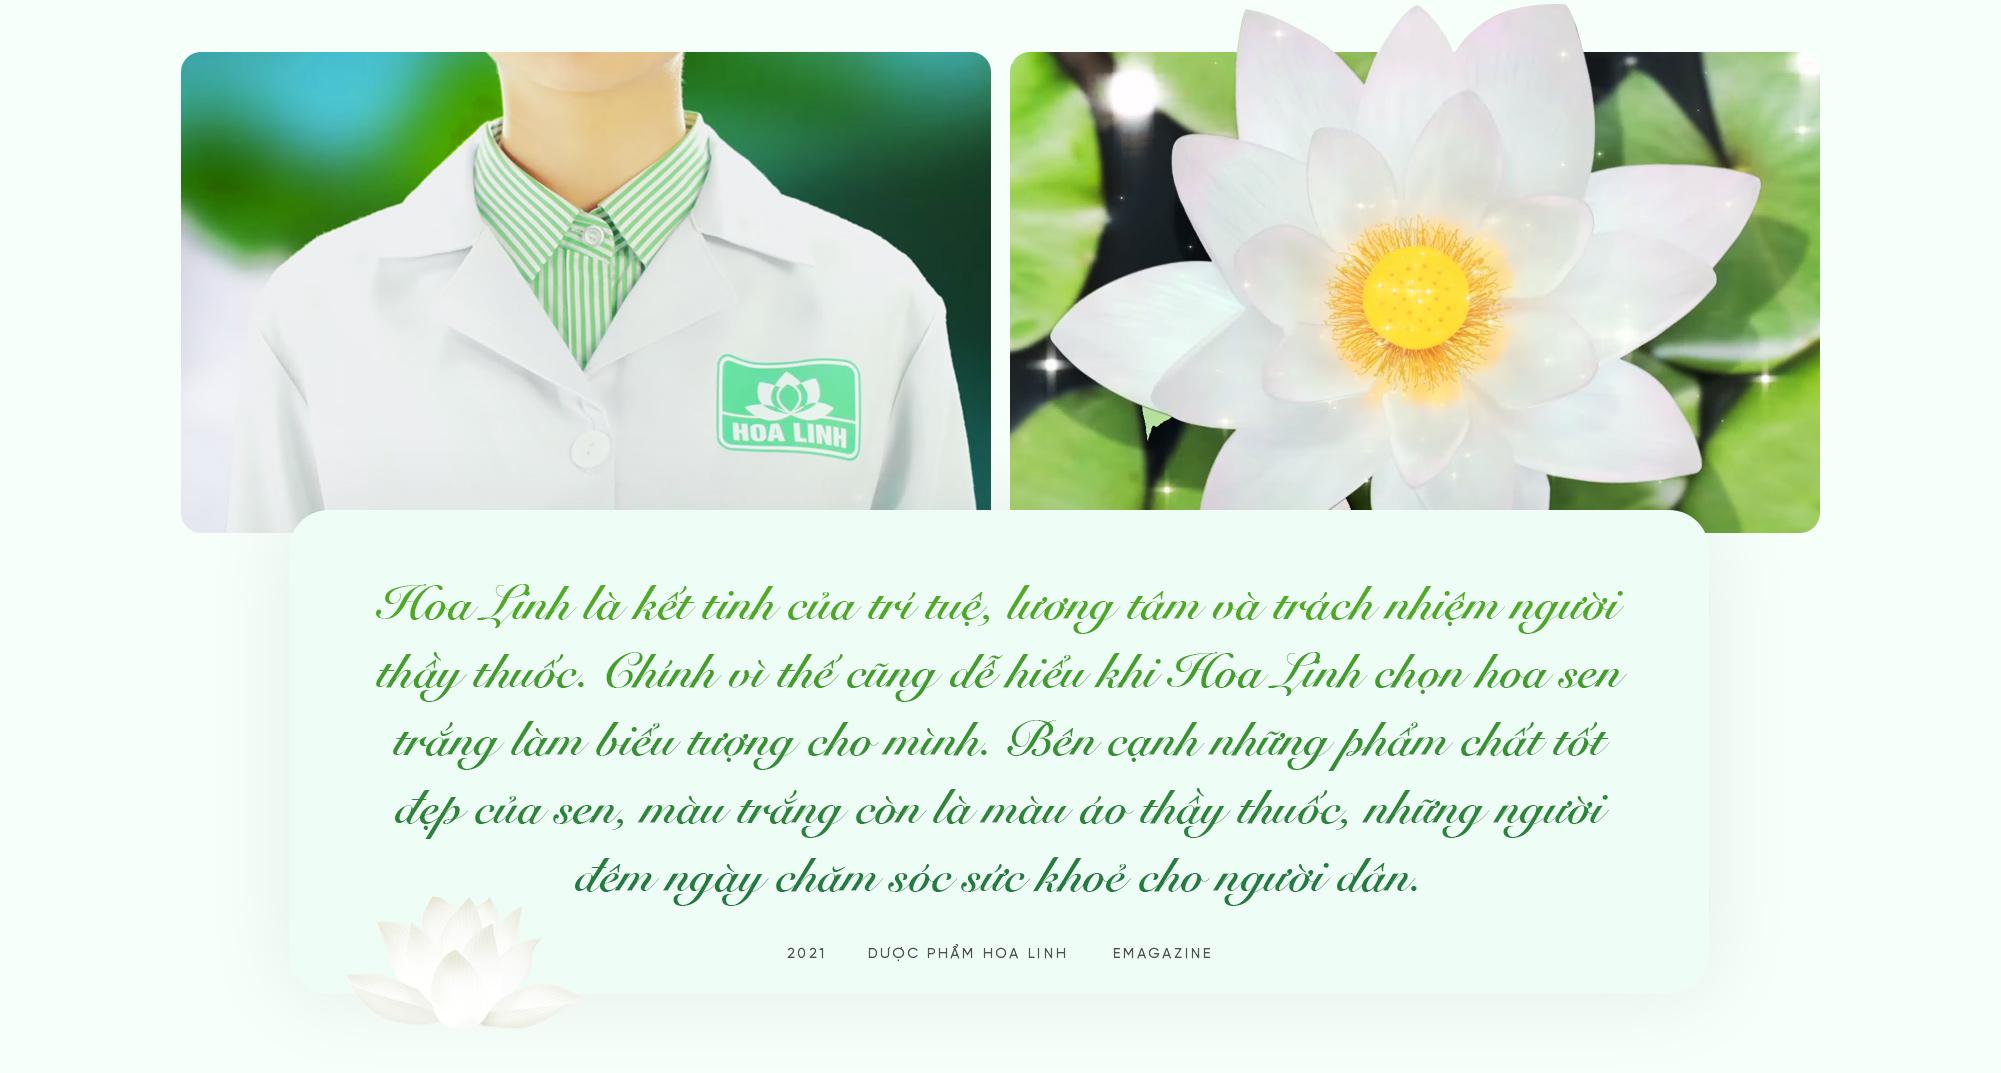 Dược phẩm Hoa Linh Bông sen trắng vươn mình để chất lượng tỏa hương - Ảnh 7.